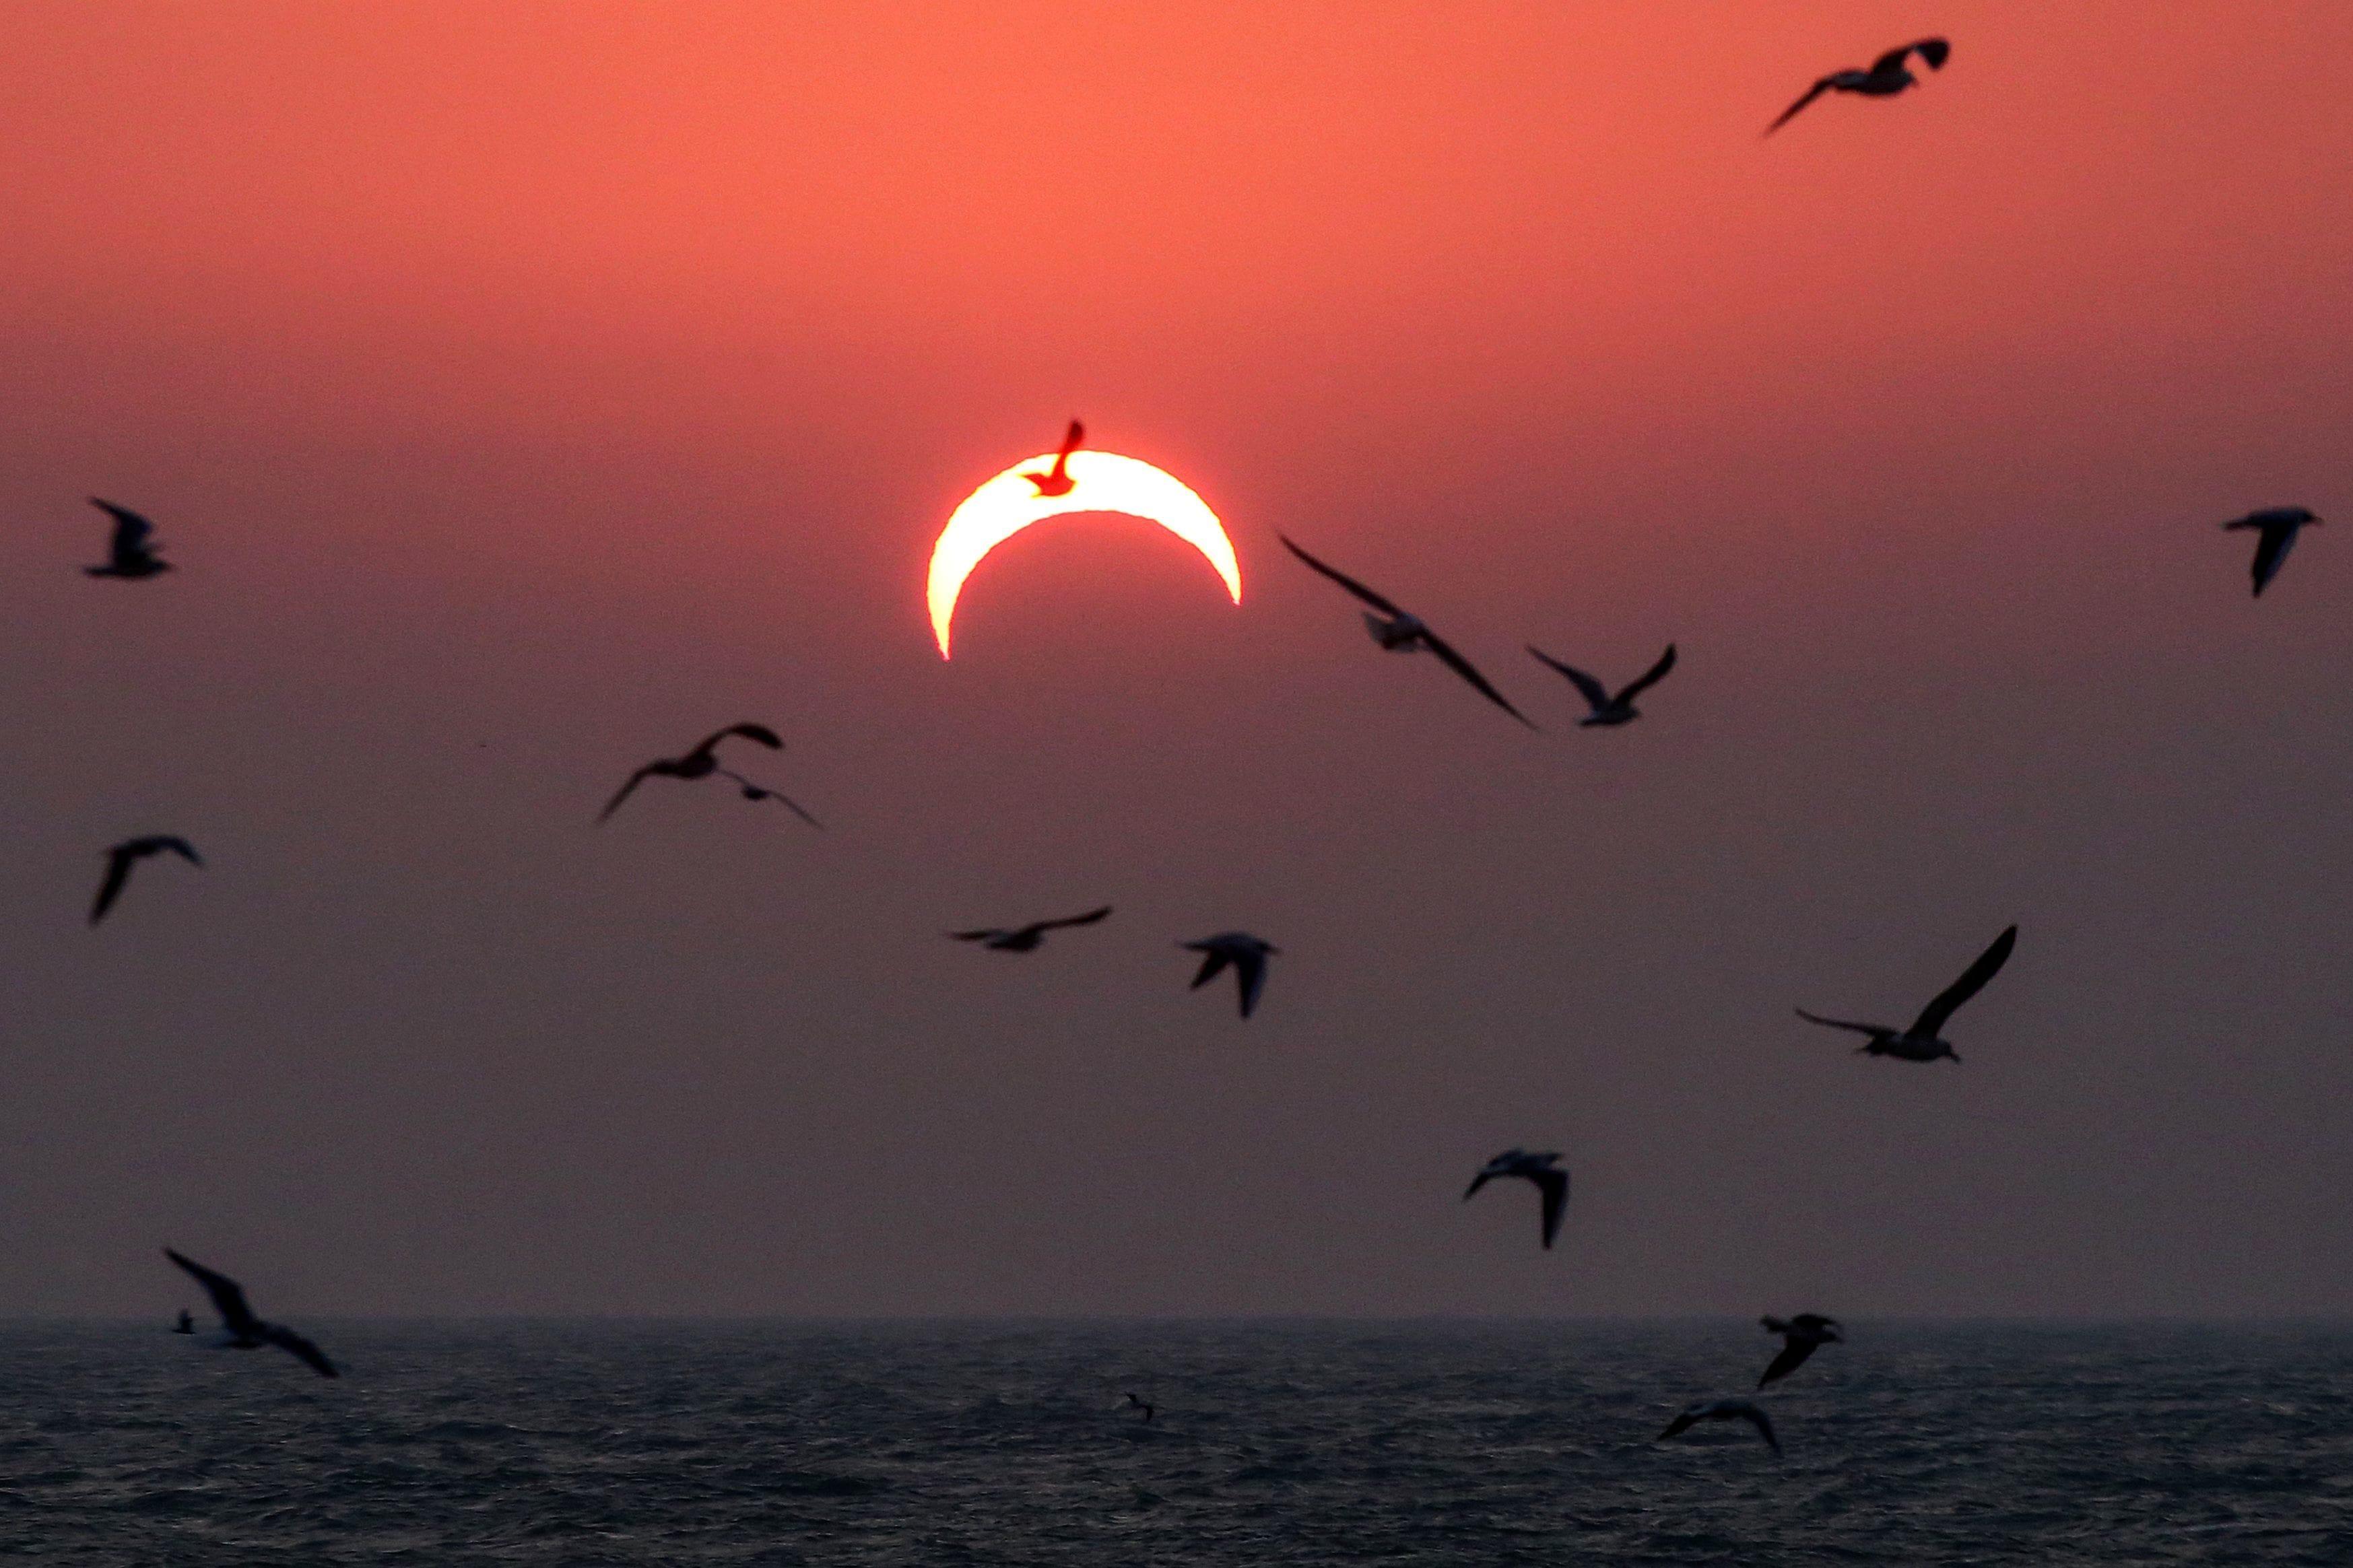 কুয়েতের ছবি (AFP)